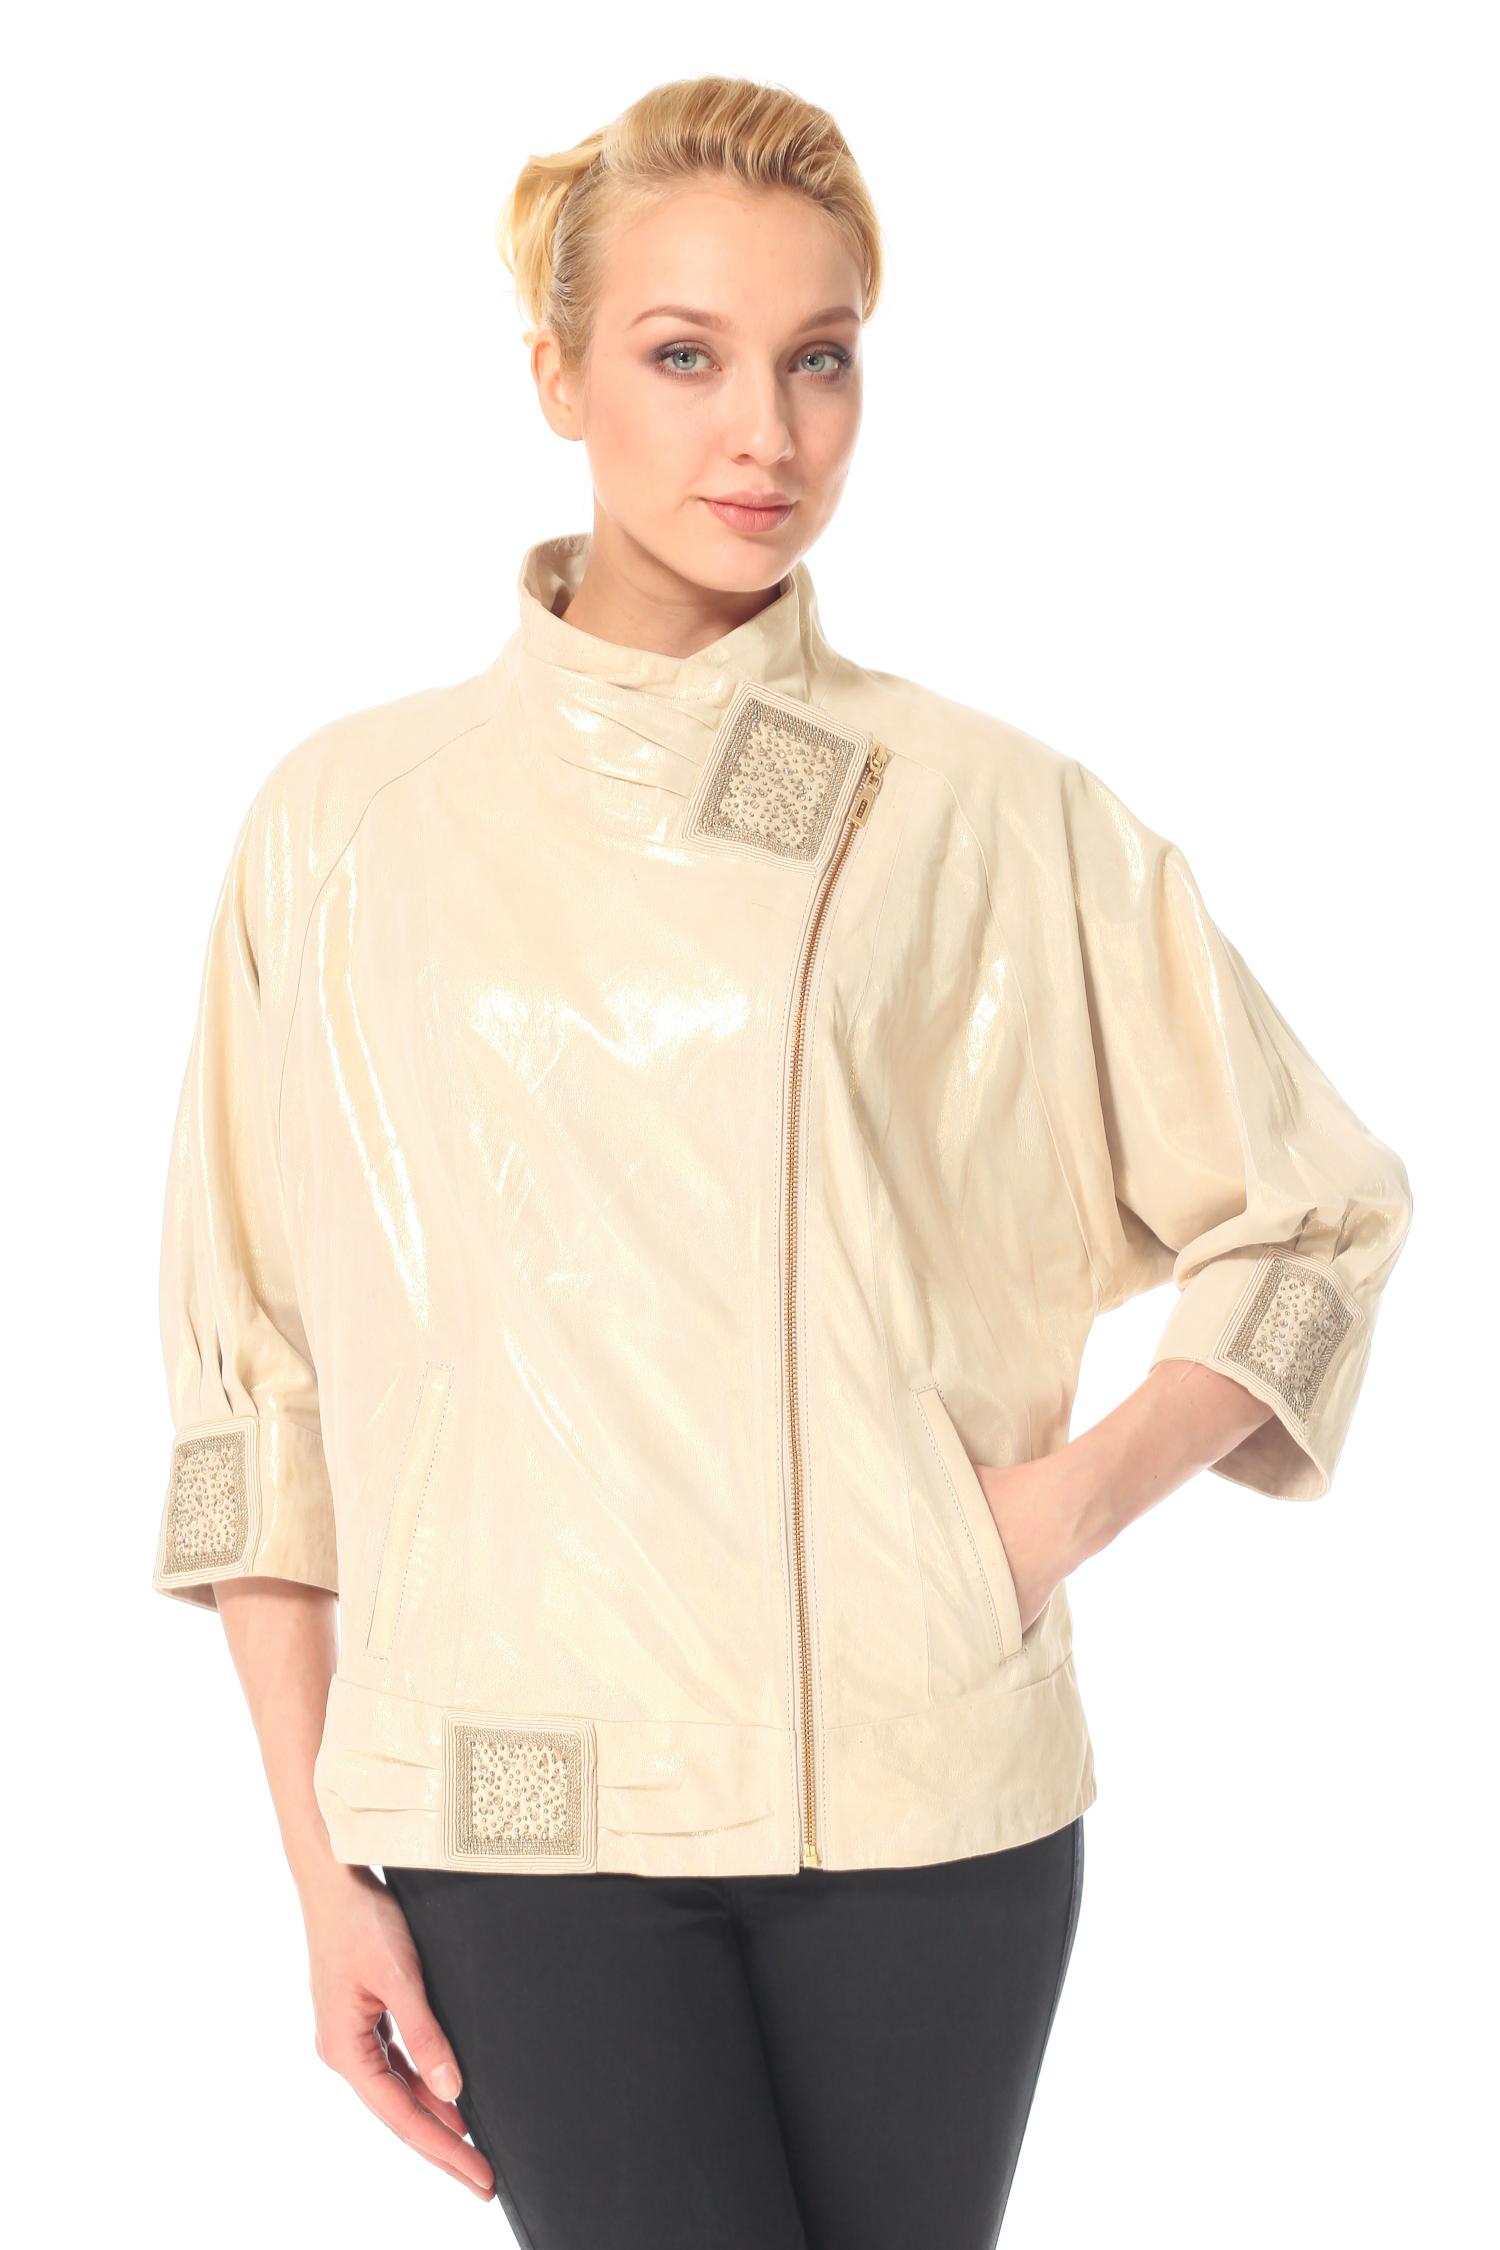 Женская кожаная куртка из натуральной замши (с накатом) с воротником, без отделки<br><br>Воротник: Стойка<br>Длина см: 65<br>Материал: Замша с накатом<br>Цвет: Бежевый<br>Пол: Женский